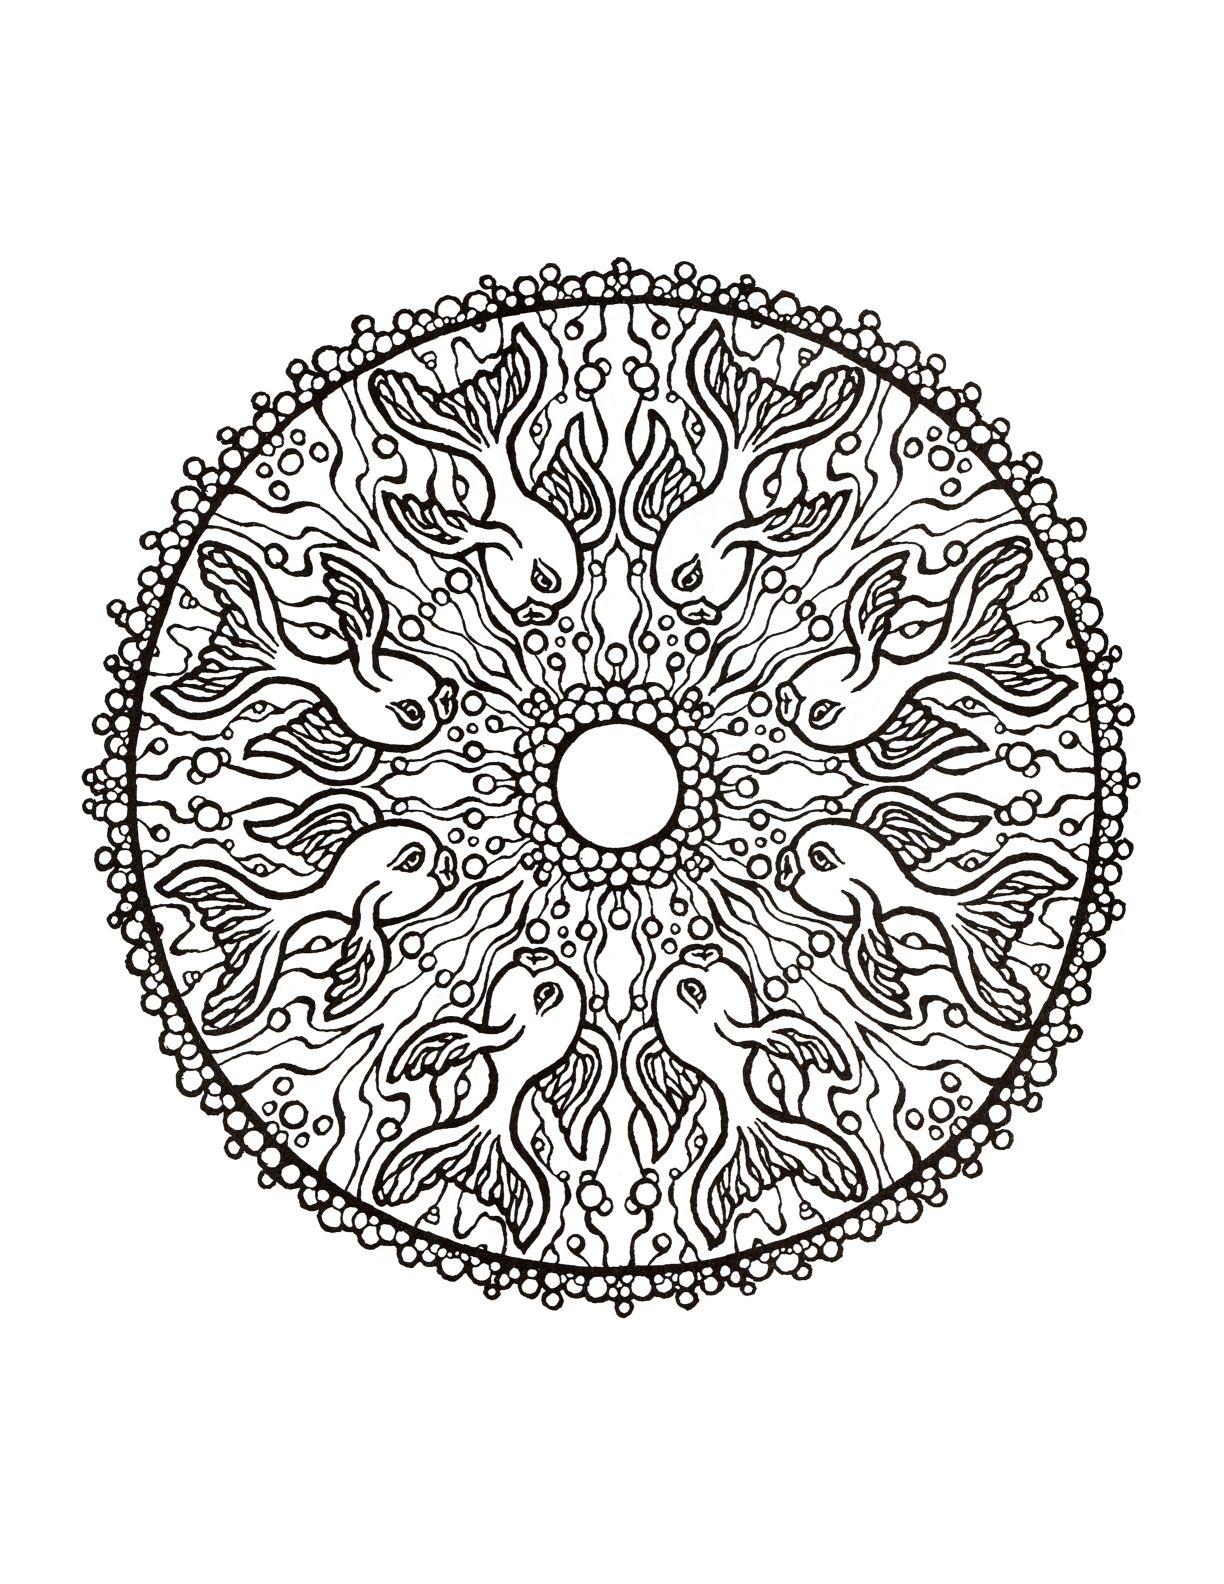 Mystical Mandala Coloring Book Mandala Coloring Books Mandala Coloring Mandala Coloring Pages